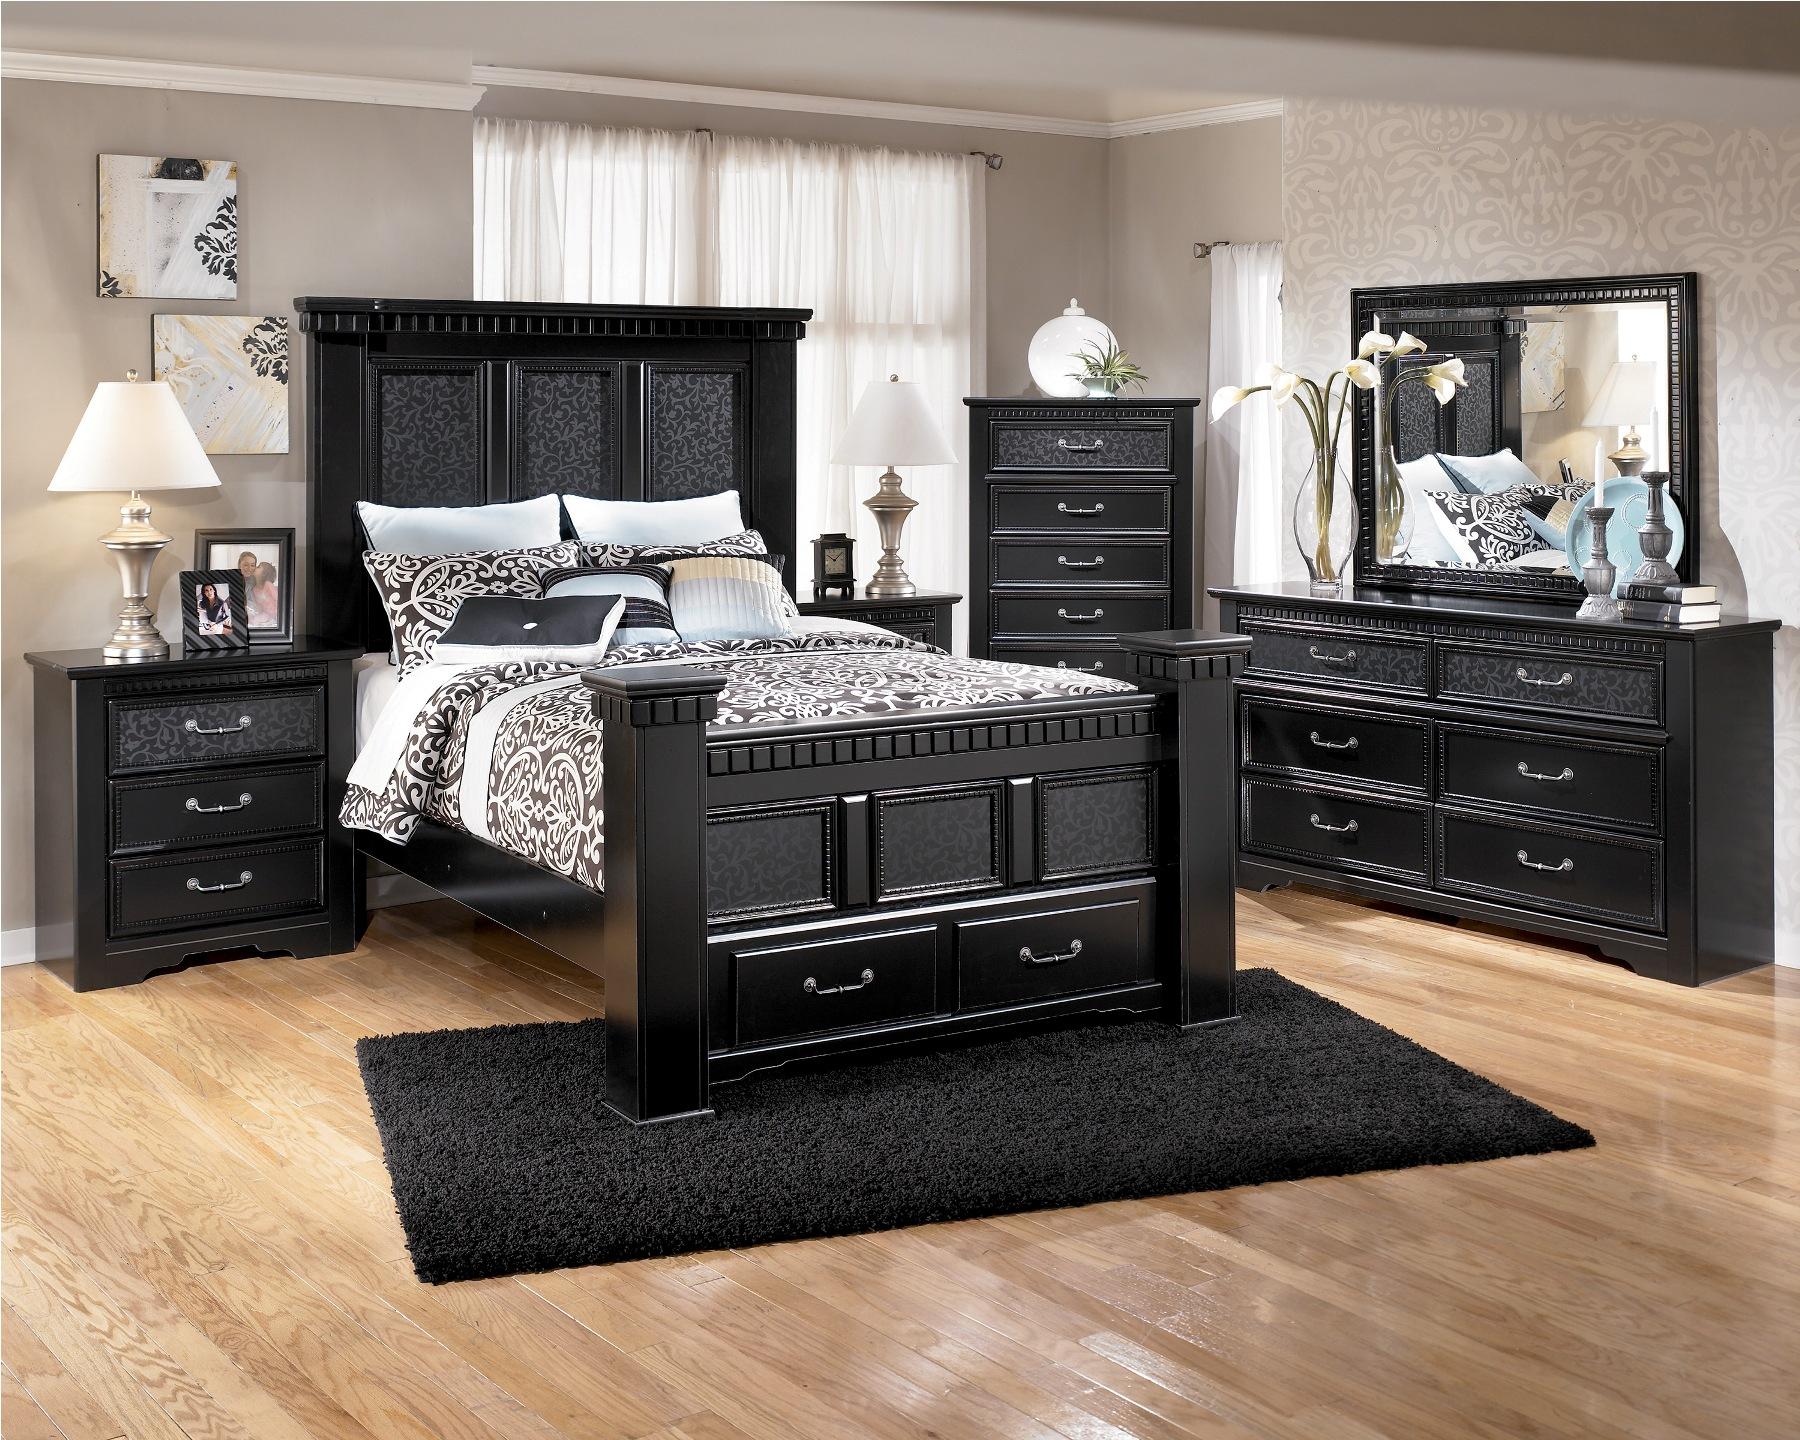 bedroom ideas black furniture photo - 6